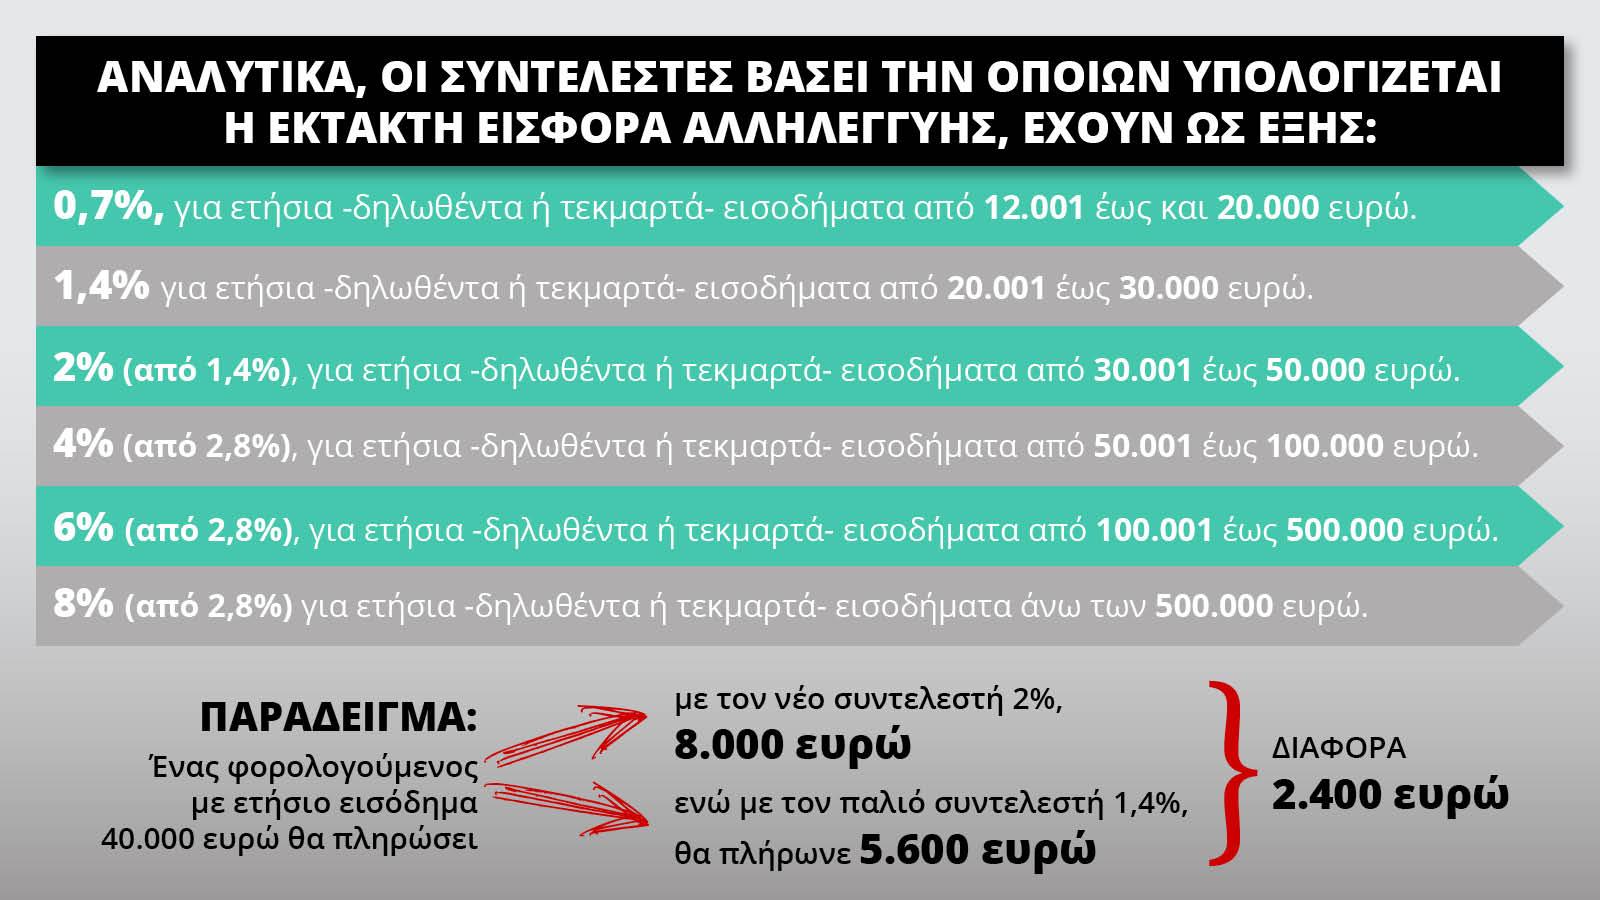 ektaktiEisfora